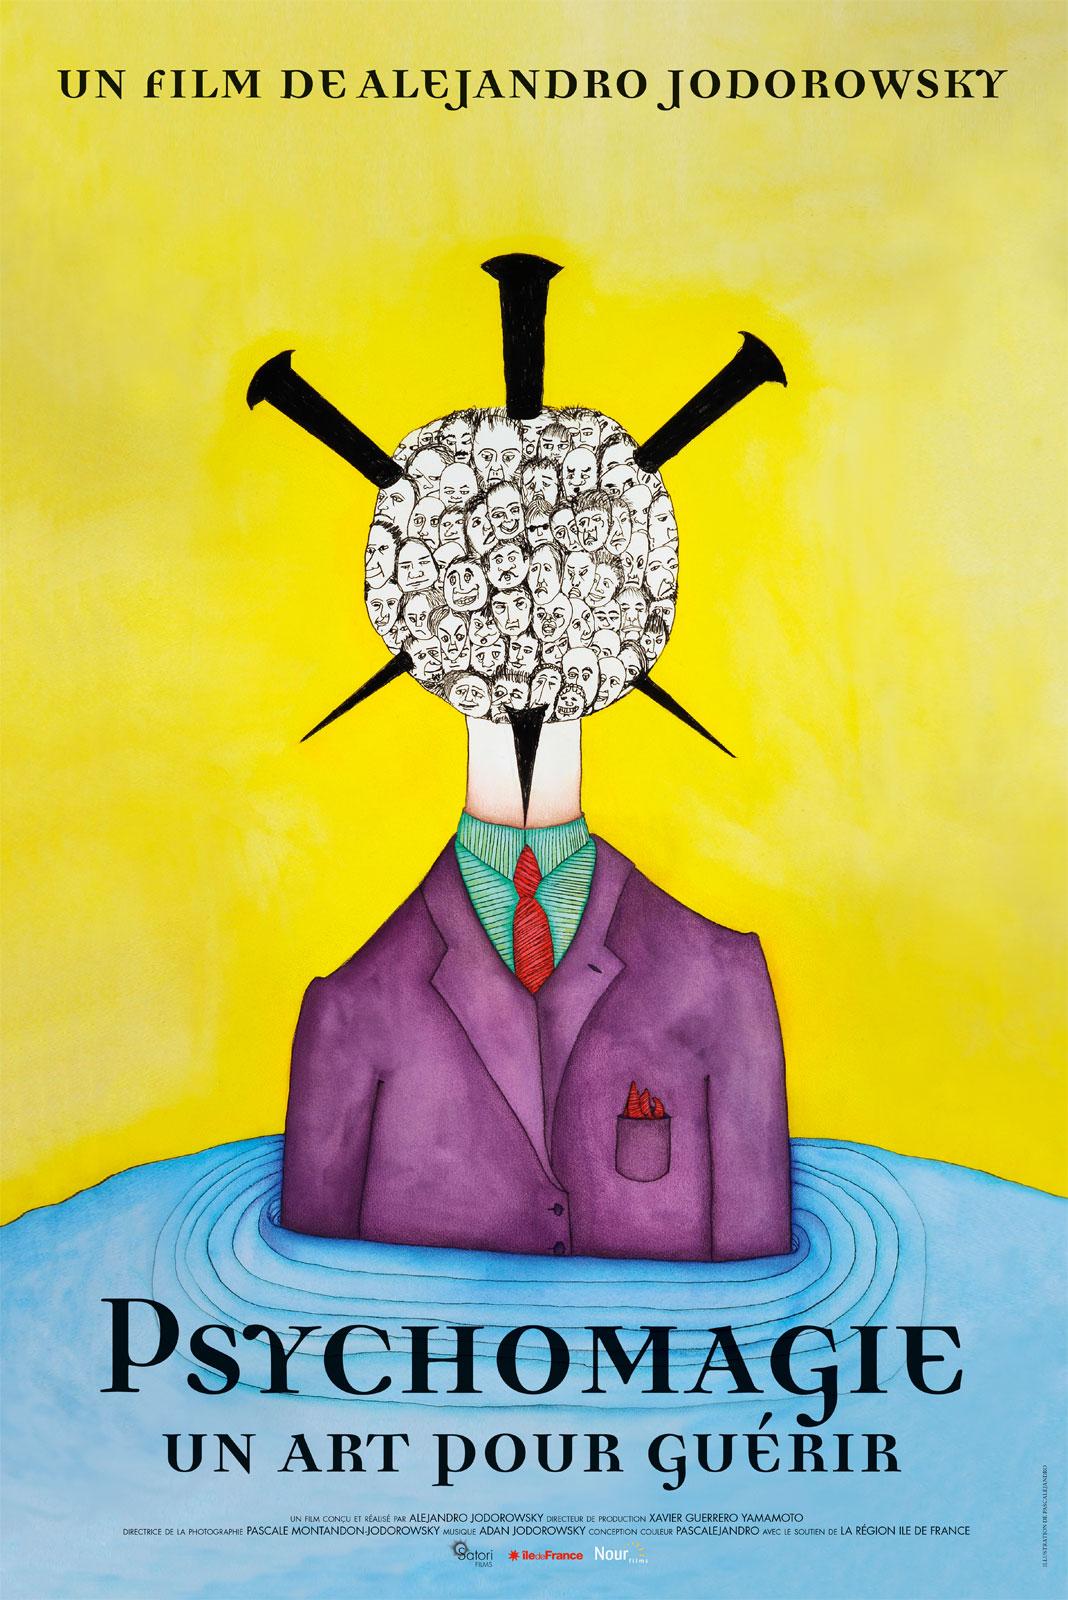 Image du film Psychomagie, un art pour guérir